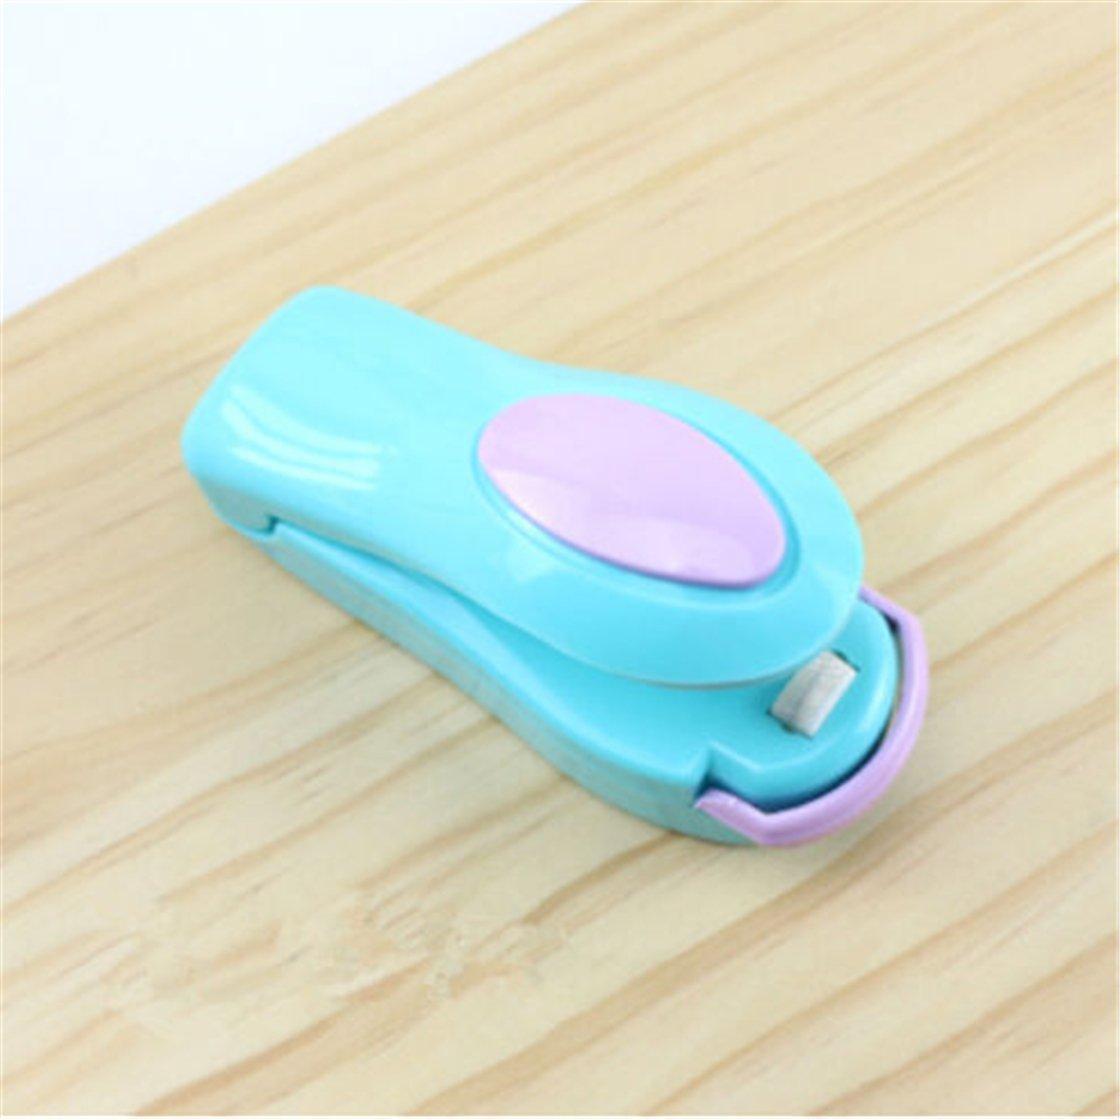 Amazon.com: Bolsa de mini ulaky calor sellador Capper Mini ...